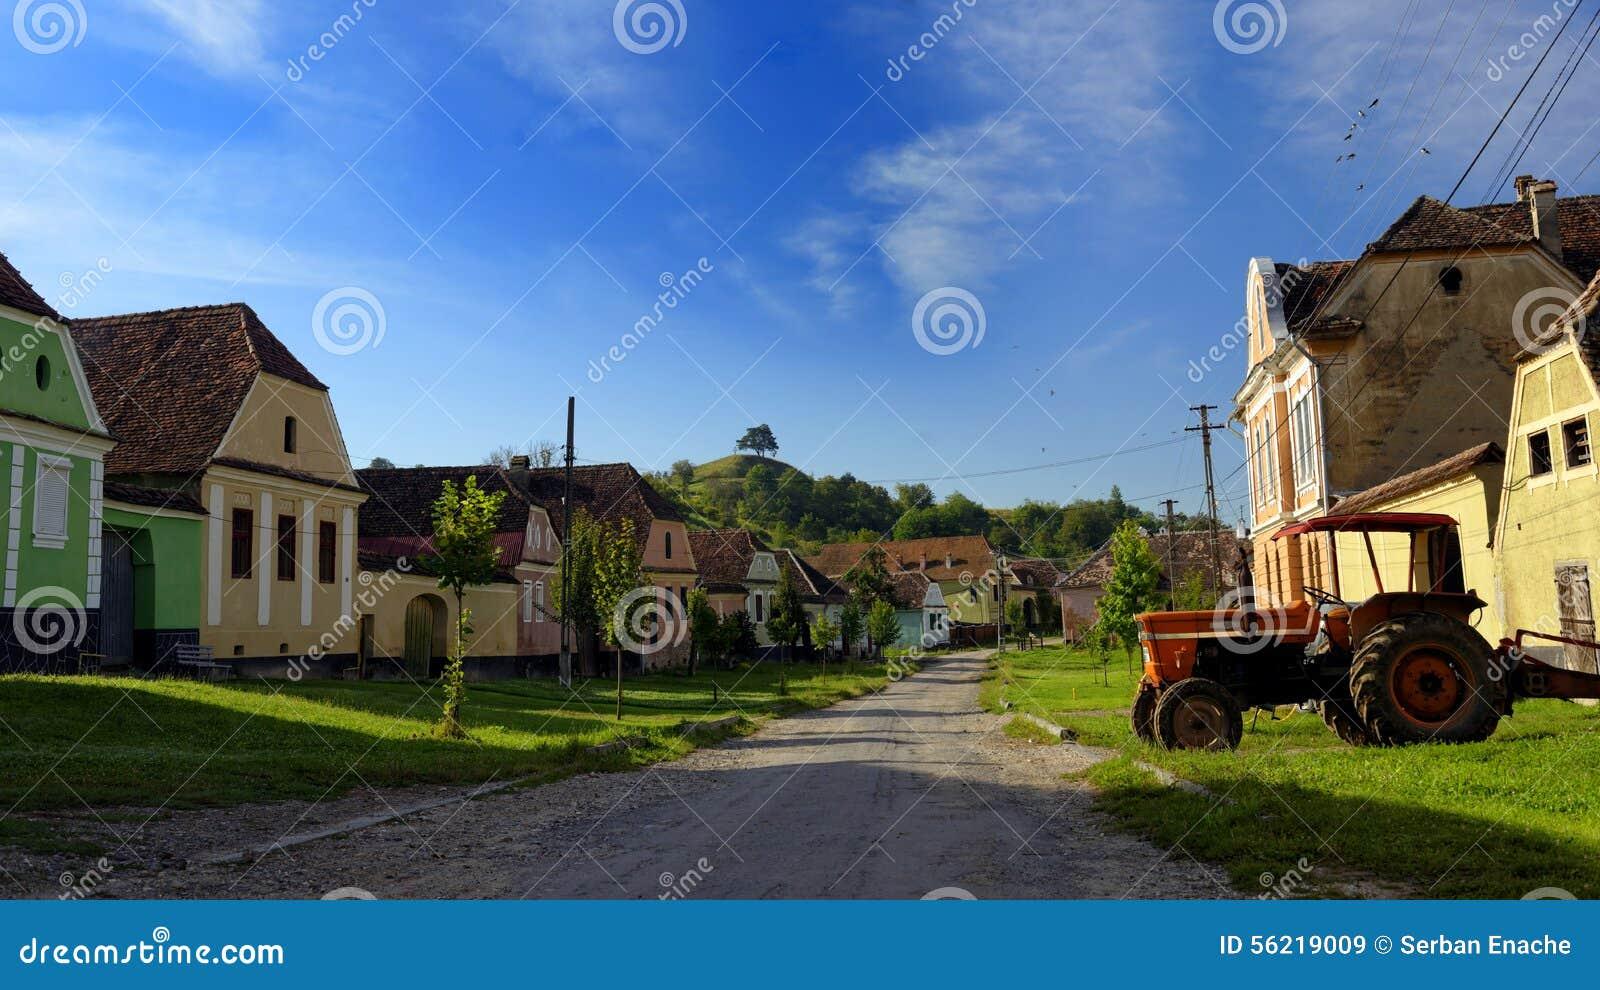 Houses on lane in copsa mare transylvania romania stock photo image 56219009 - Saxon style houses in transylvania ...